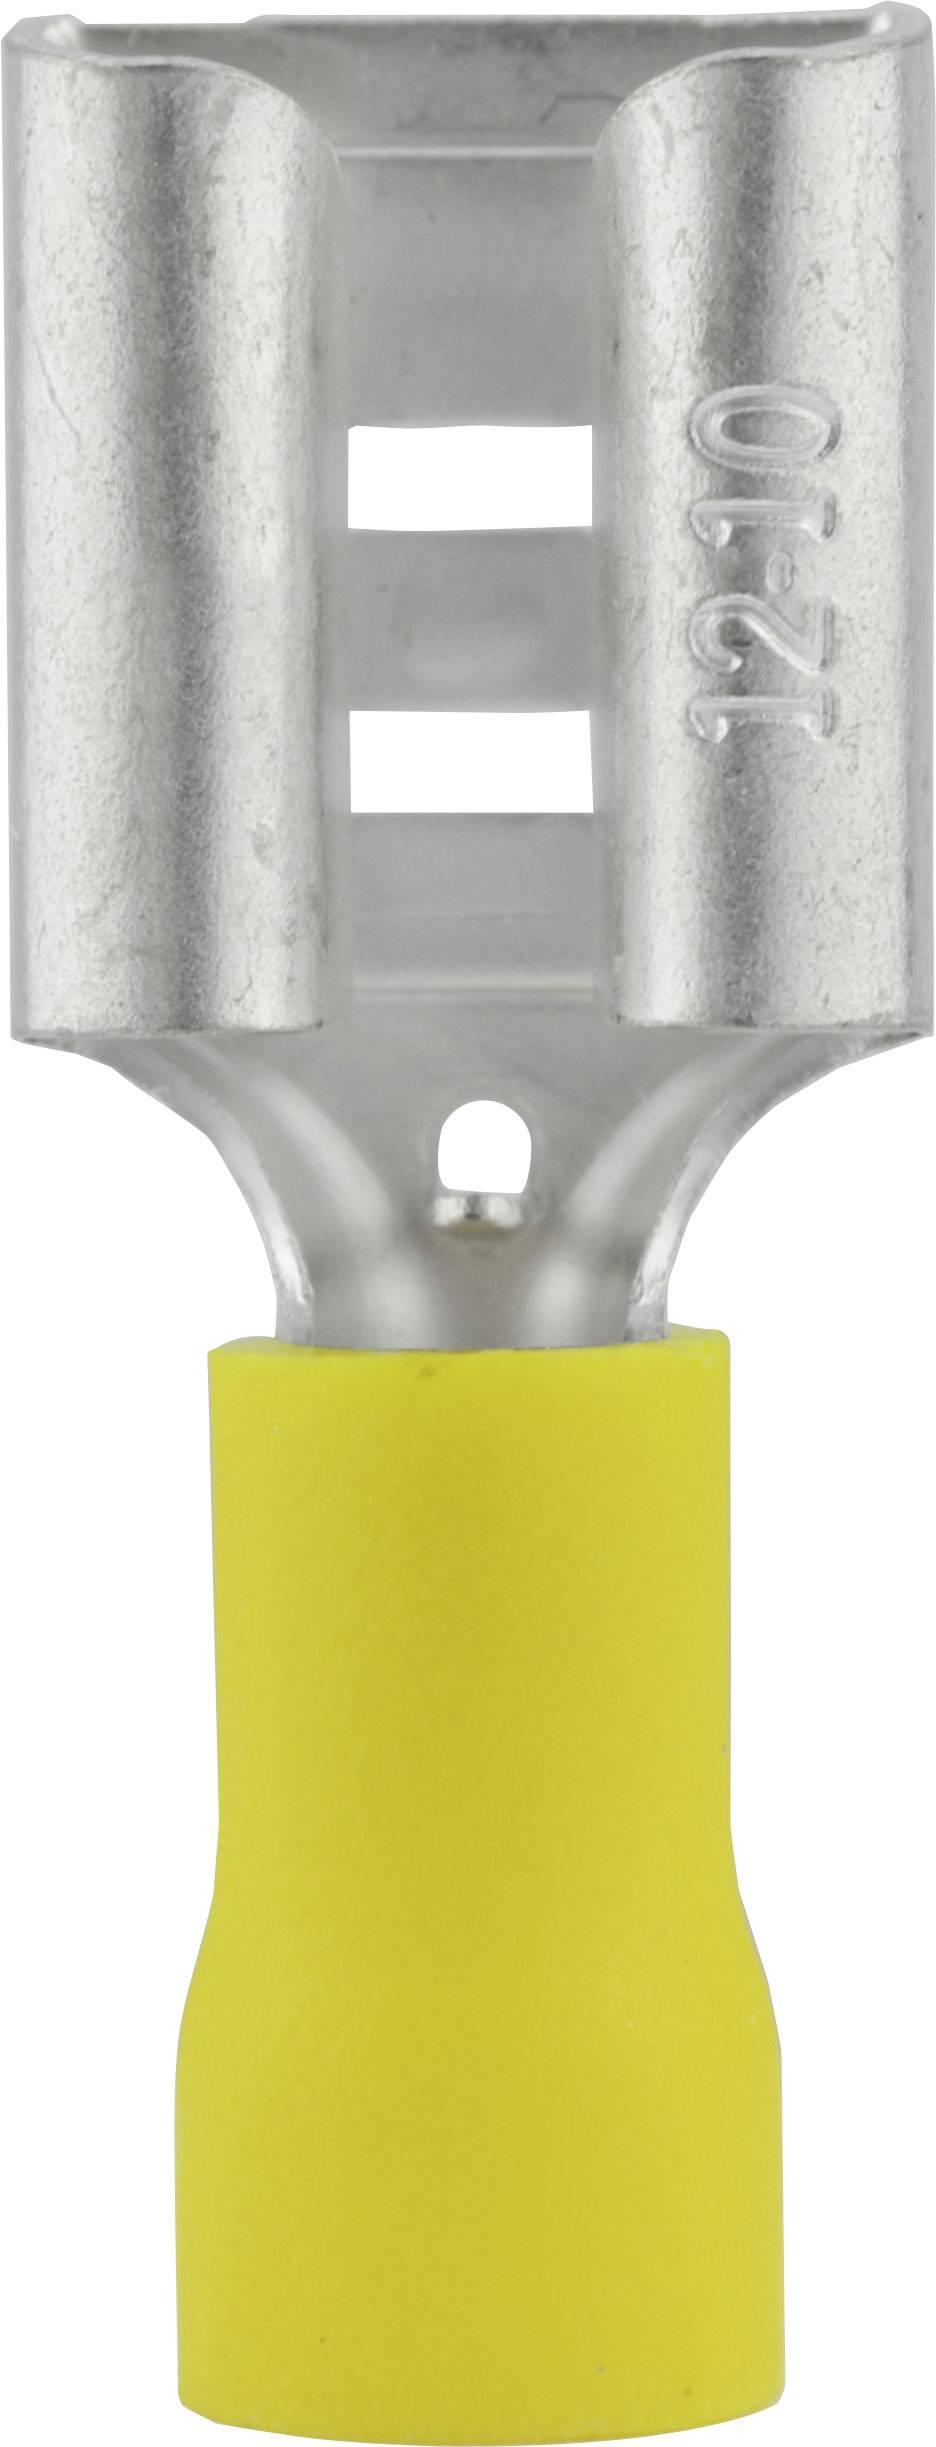 Faston konektor zásuvka Vogt Verbindungstechnik 3914 9.5 mm x 1.2 mm, 180 °, čiastočne izolované, žltá, 1 ks